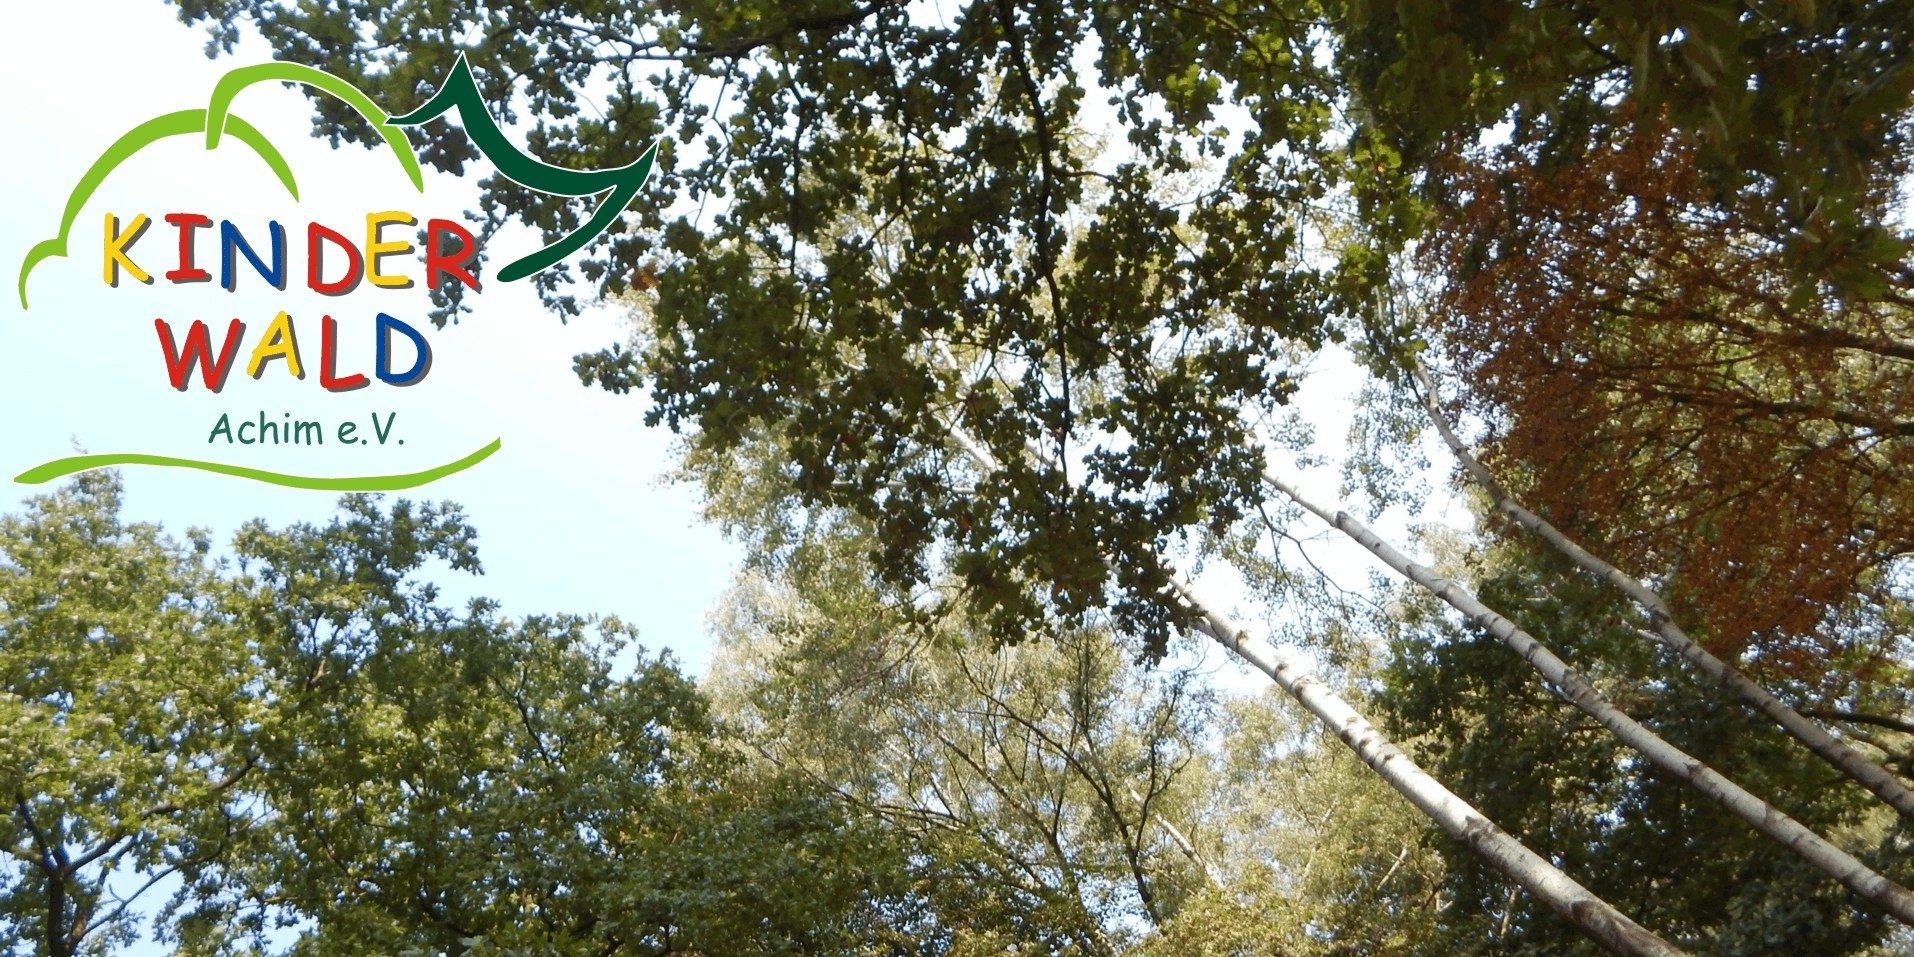 Kinderwald Achim e.V.